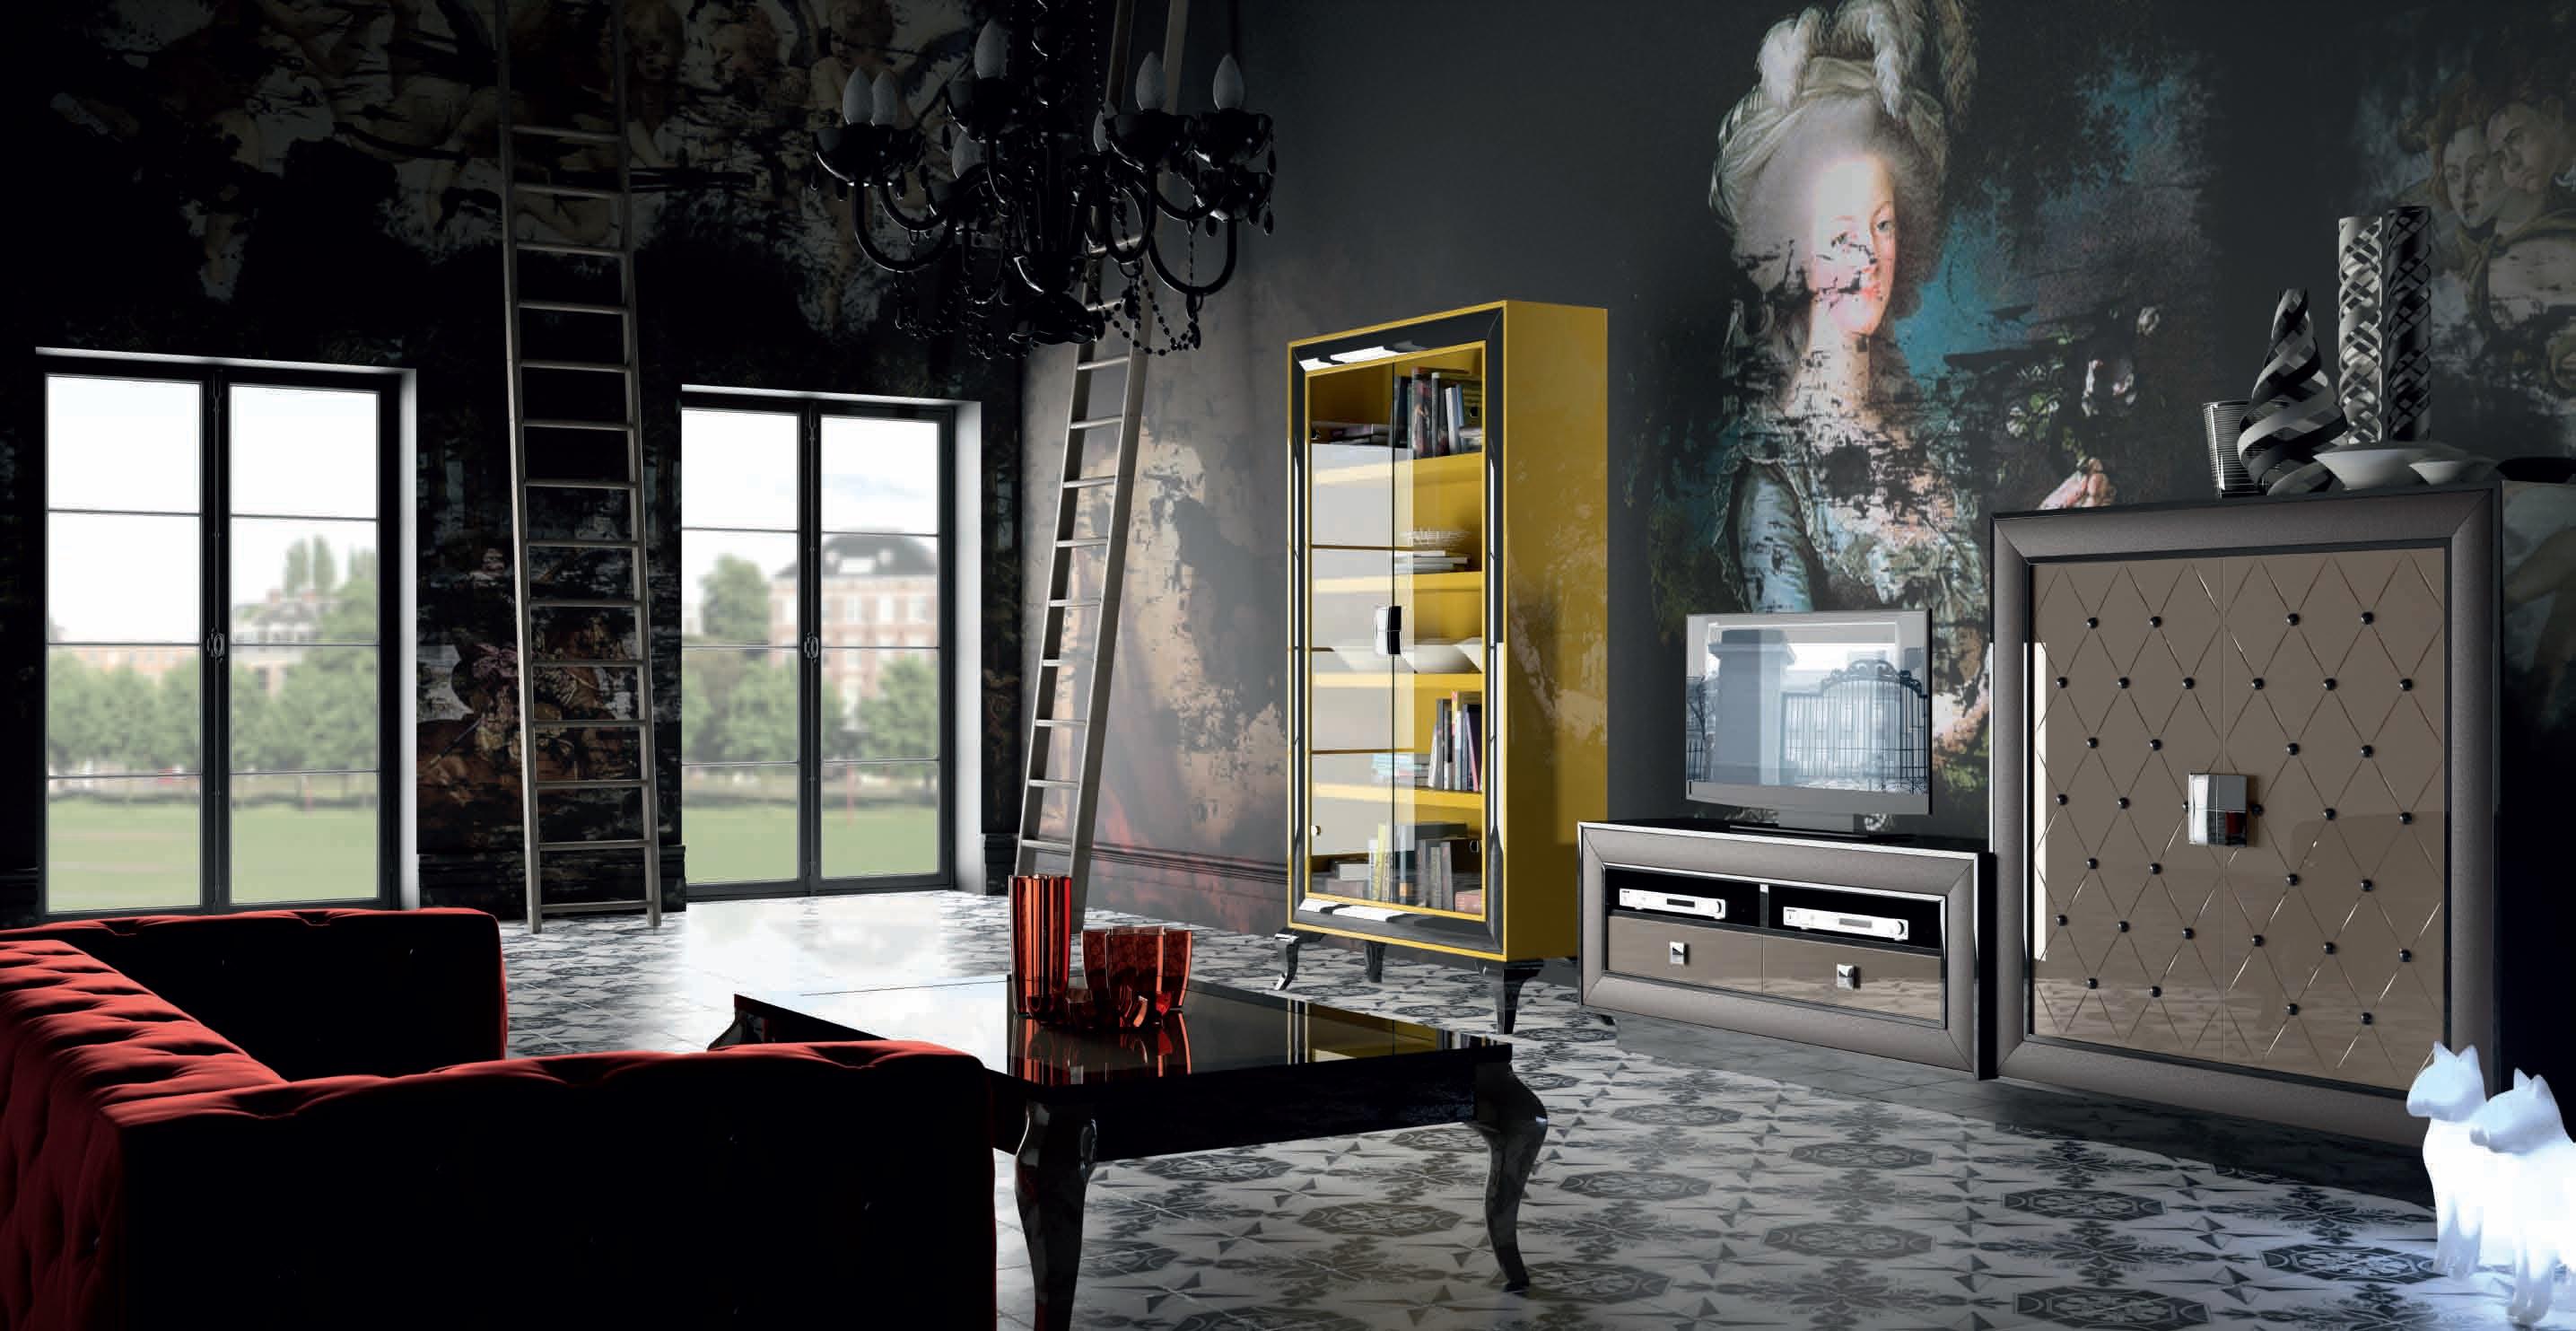 salon-contemporaneo-HAMSTER-BOOKCASE-muebles-paco-caballero-1335-5cb6fae36d61c